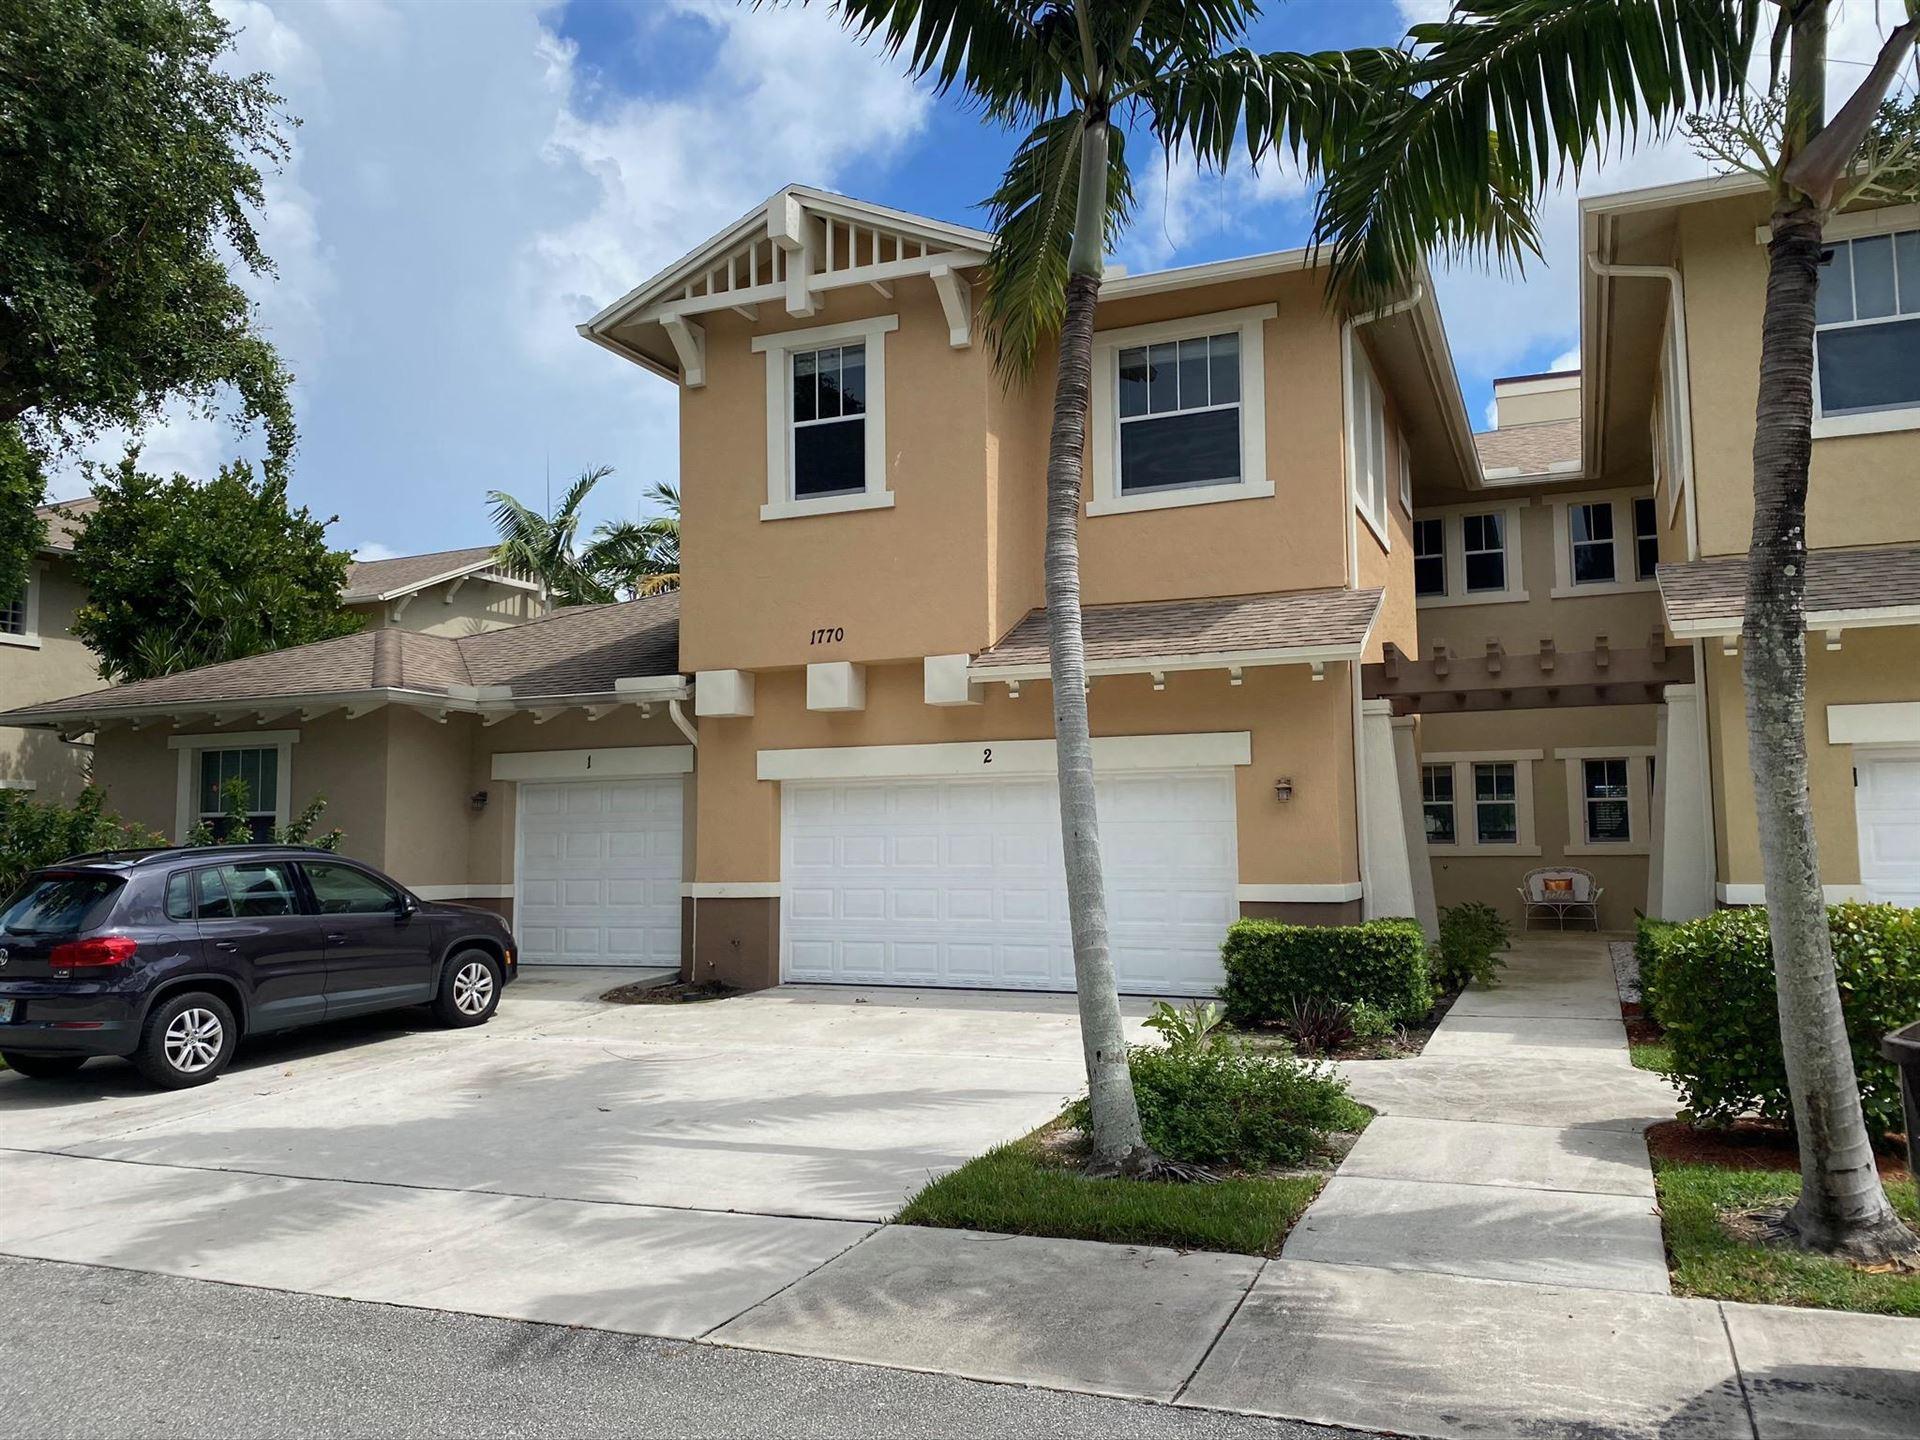 1770 Mission Court #2, West Palm Beach, FL 33401 - #: RX-10655787